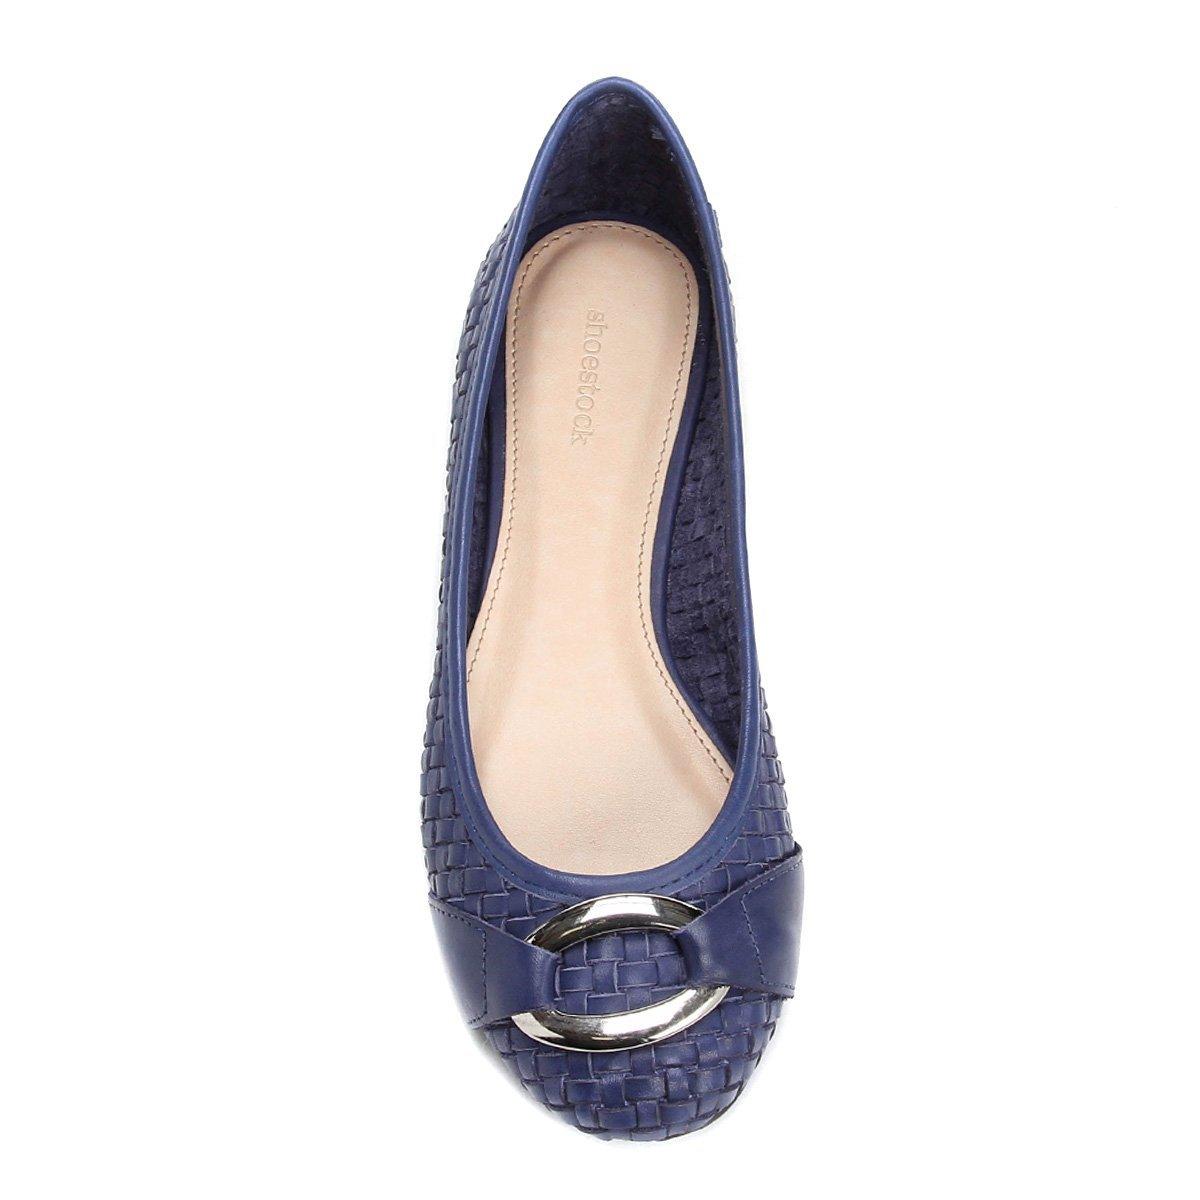 Couro Shoestock Sapatilha Couro Feminina Tressê Sapatilha Sapatilha Azul Azul Feminina Shoestock Couro Tressê zq6B86xn